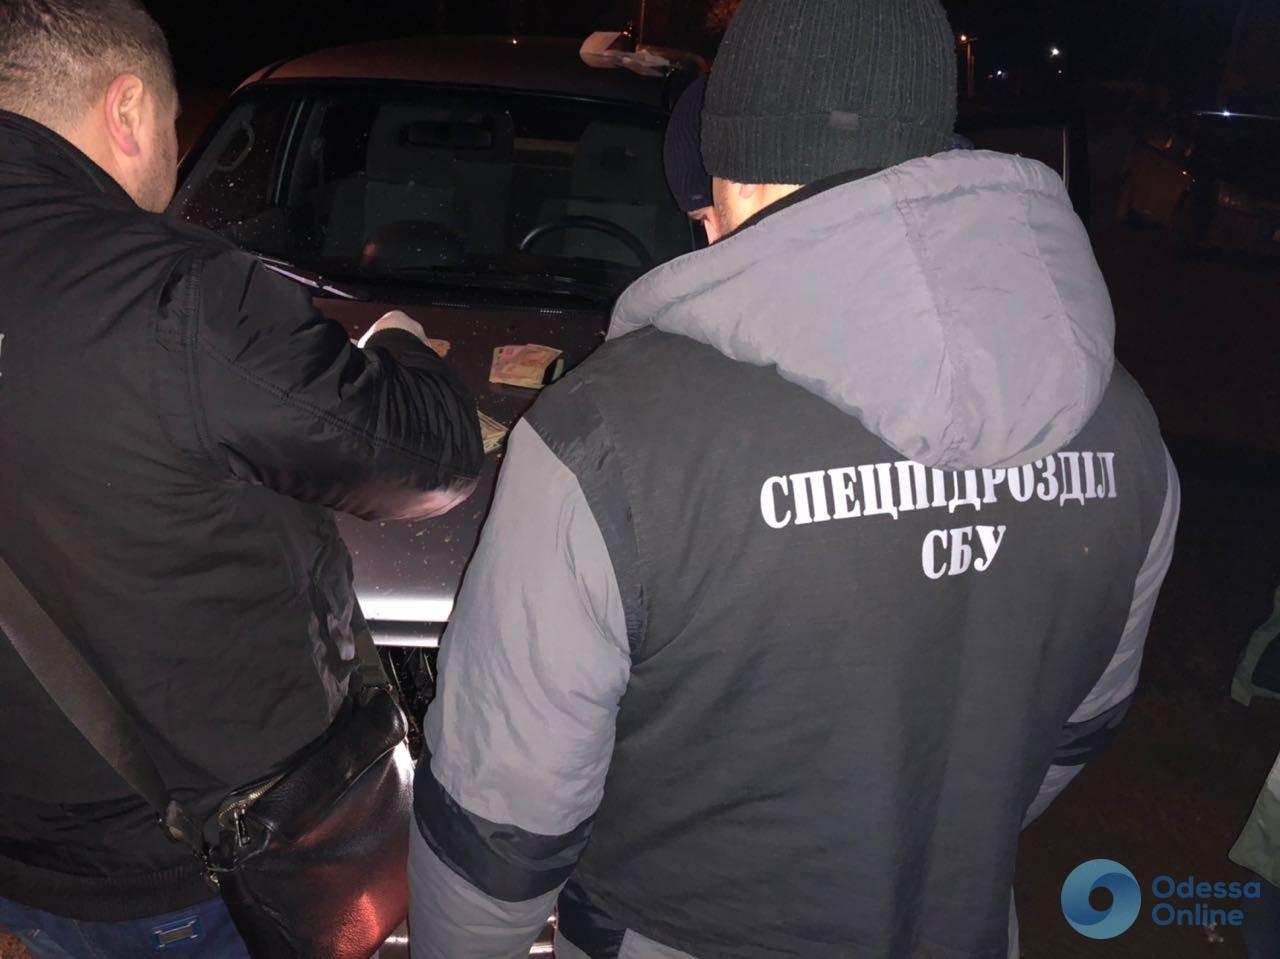 Одесская область: СБУ задержала чиновников на взятке